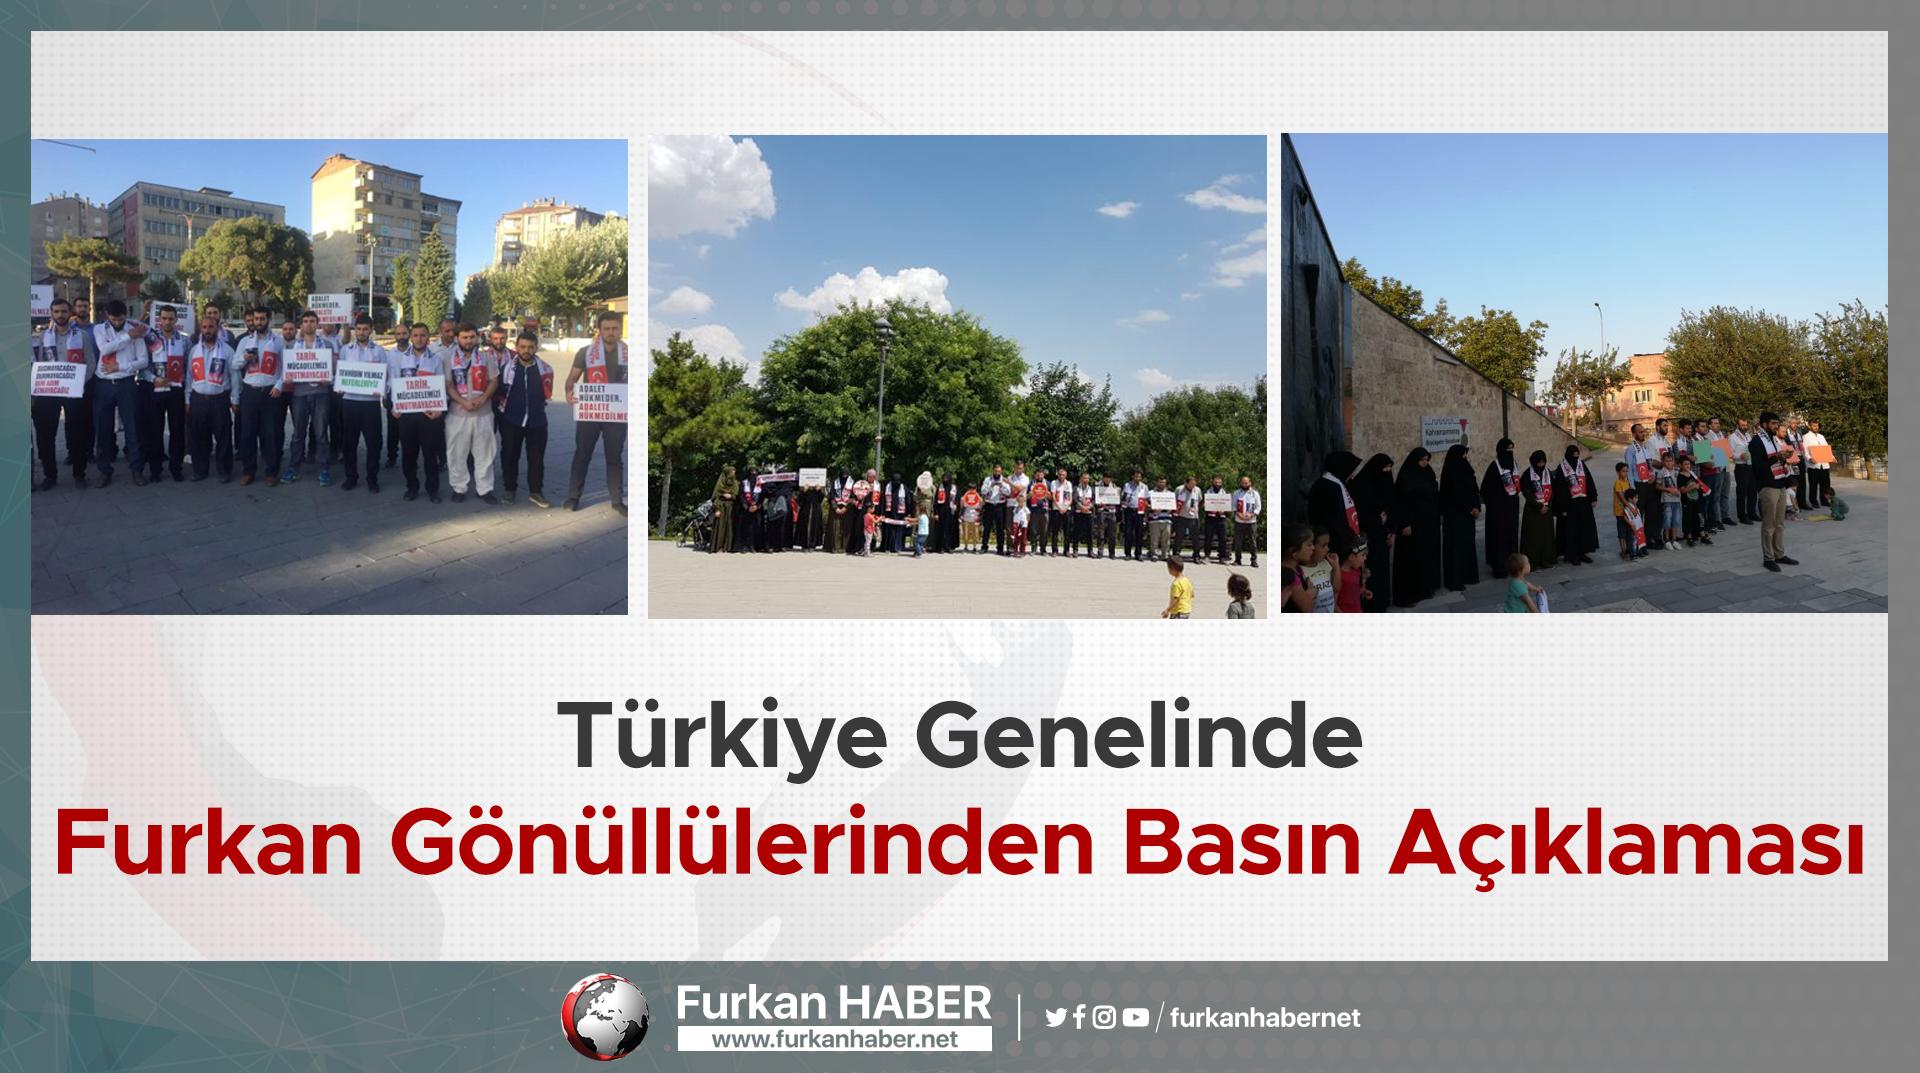 Türkiye Genelinde Furkan Gönüllülerinden Basın Açıklaması